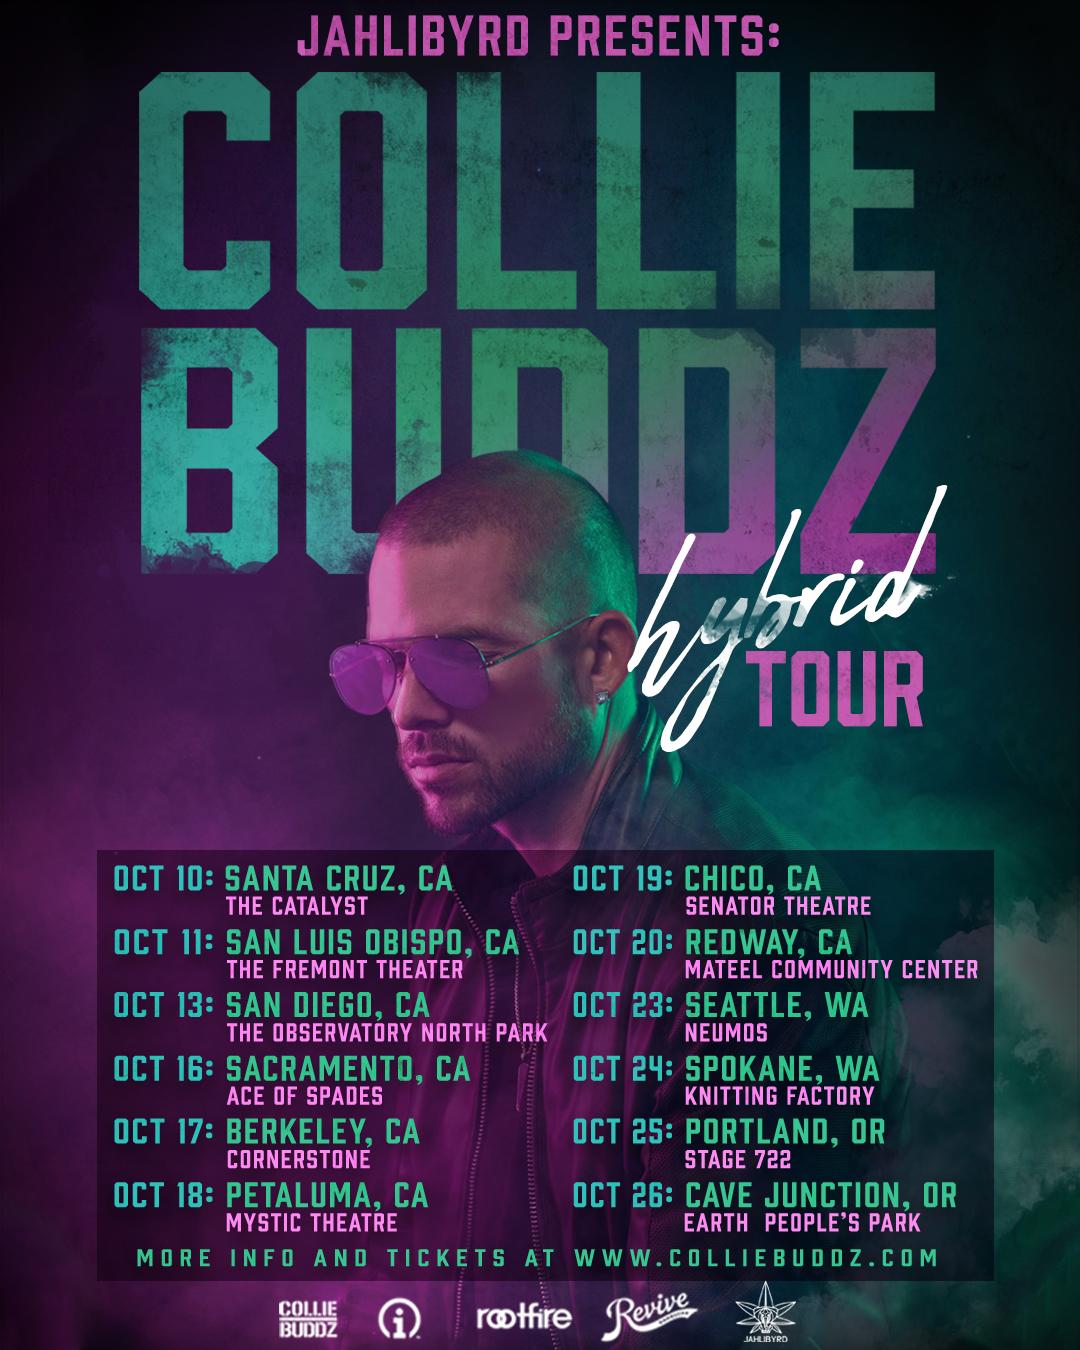 Collie Buddz_Hybrid Tour Art_IG.jpg